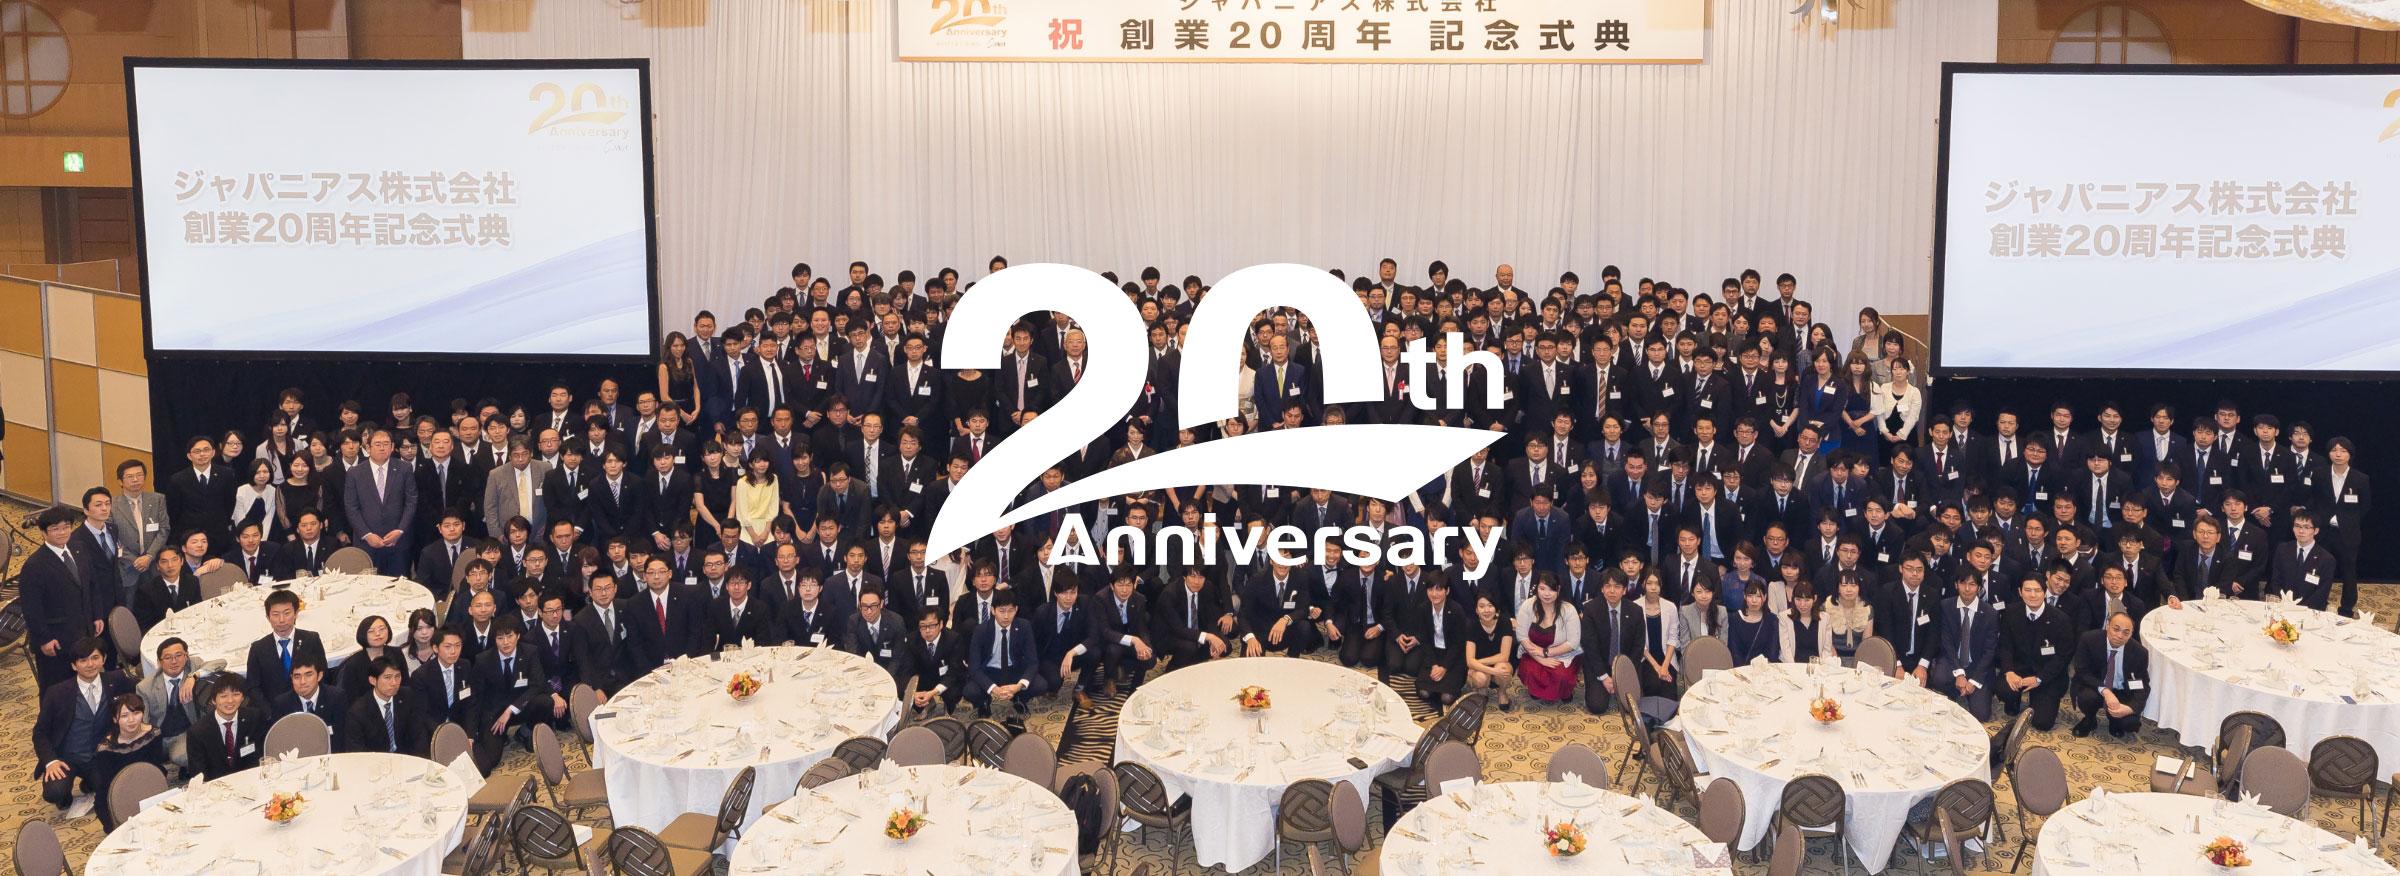 創業20週年記念式典